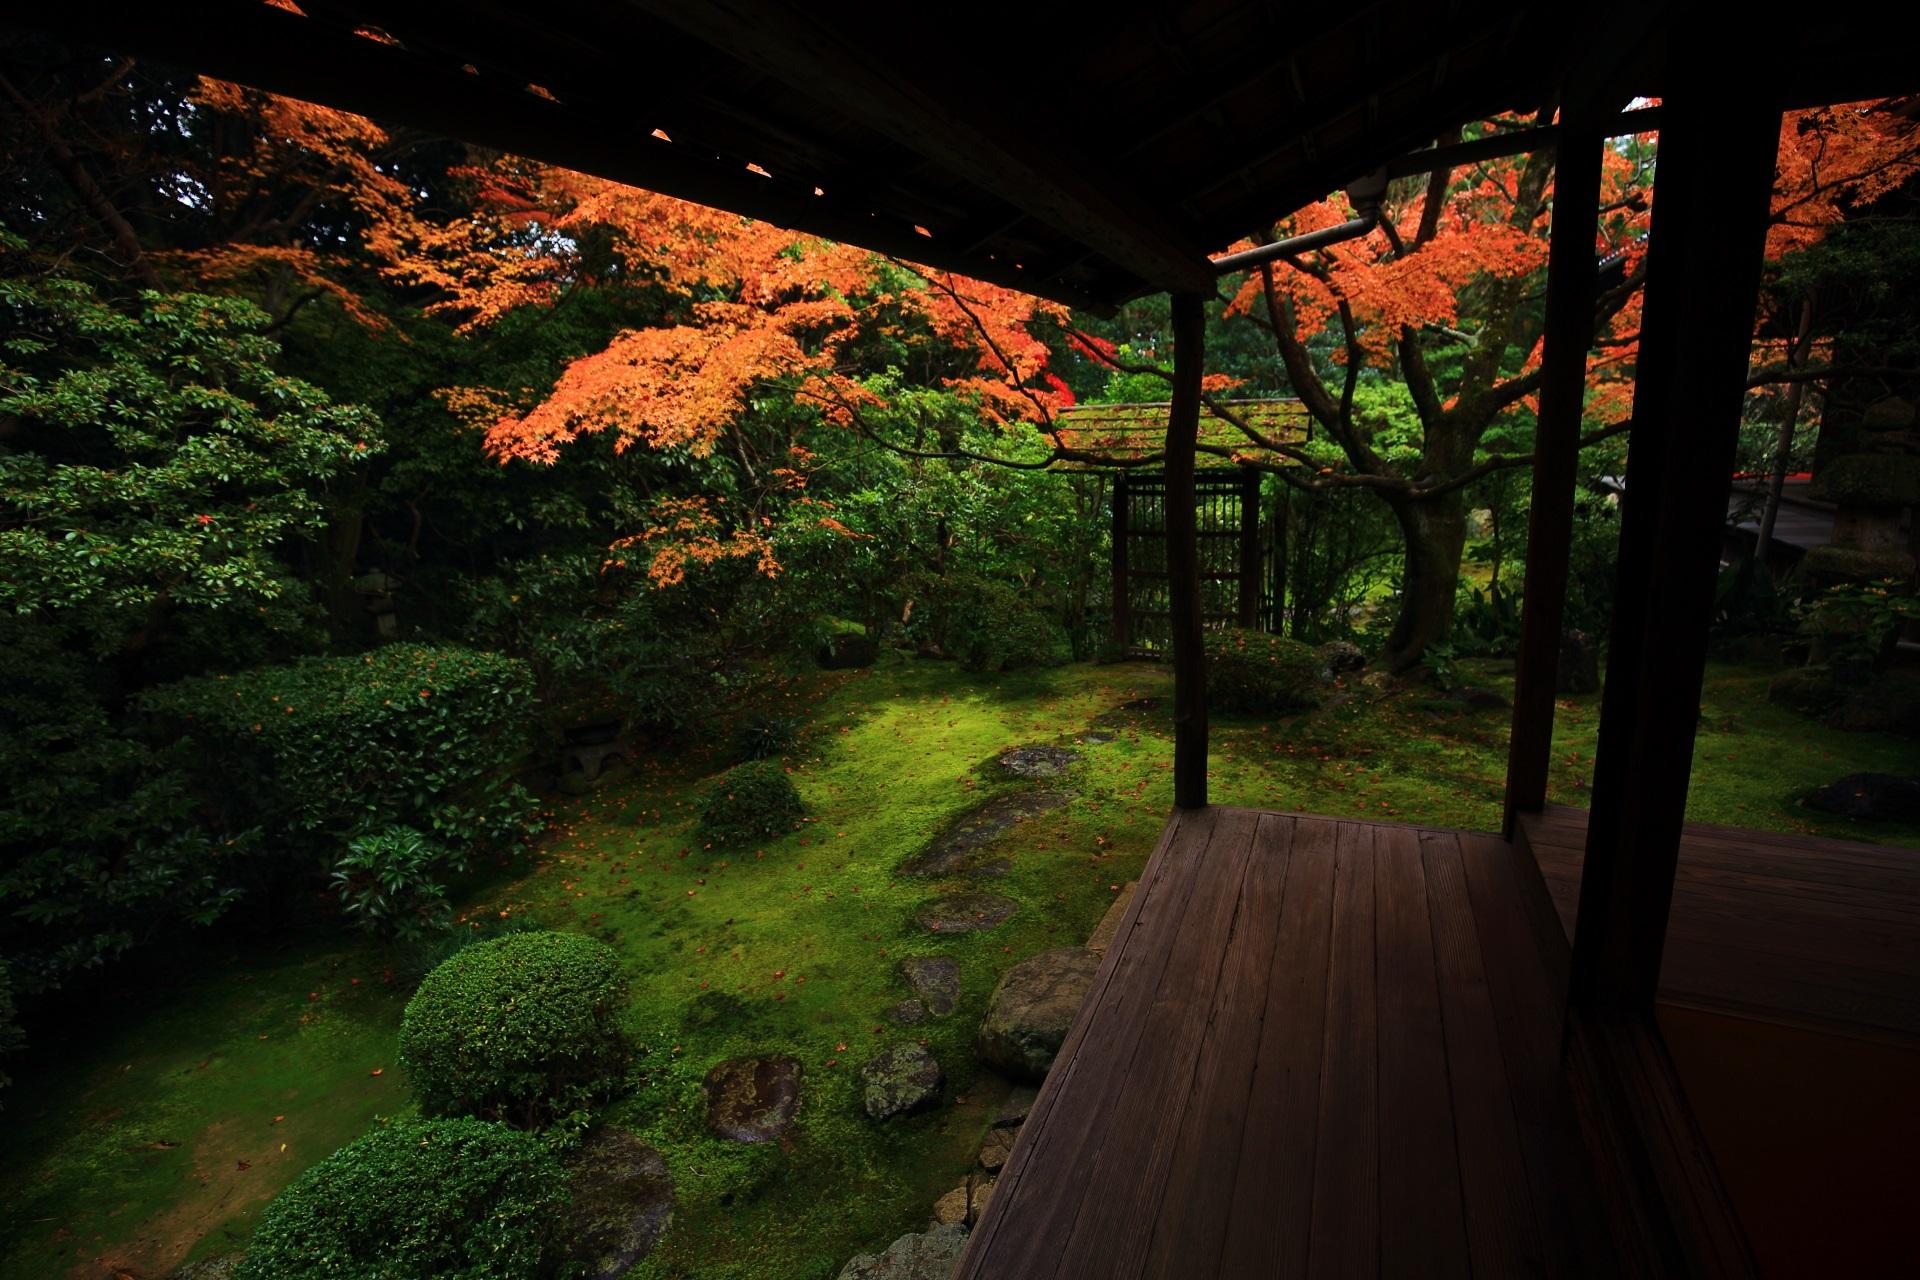 多様な緑を華やぐ桂春院の煌く紅葉